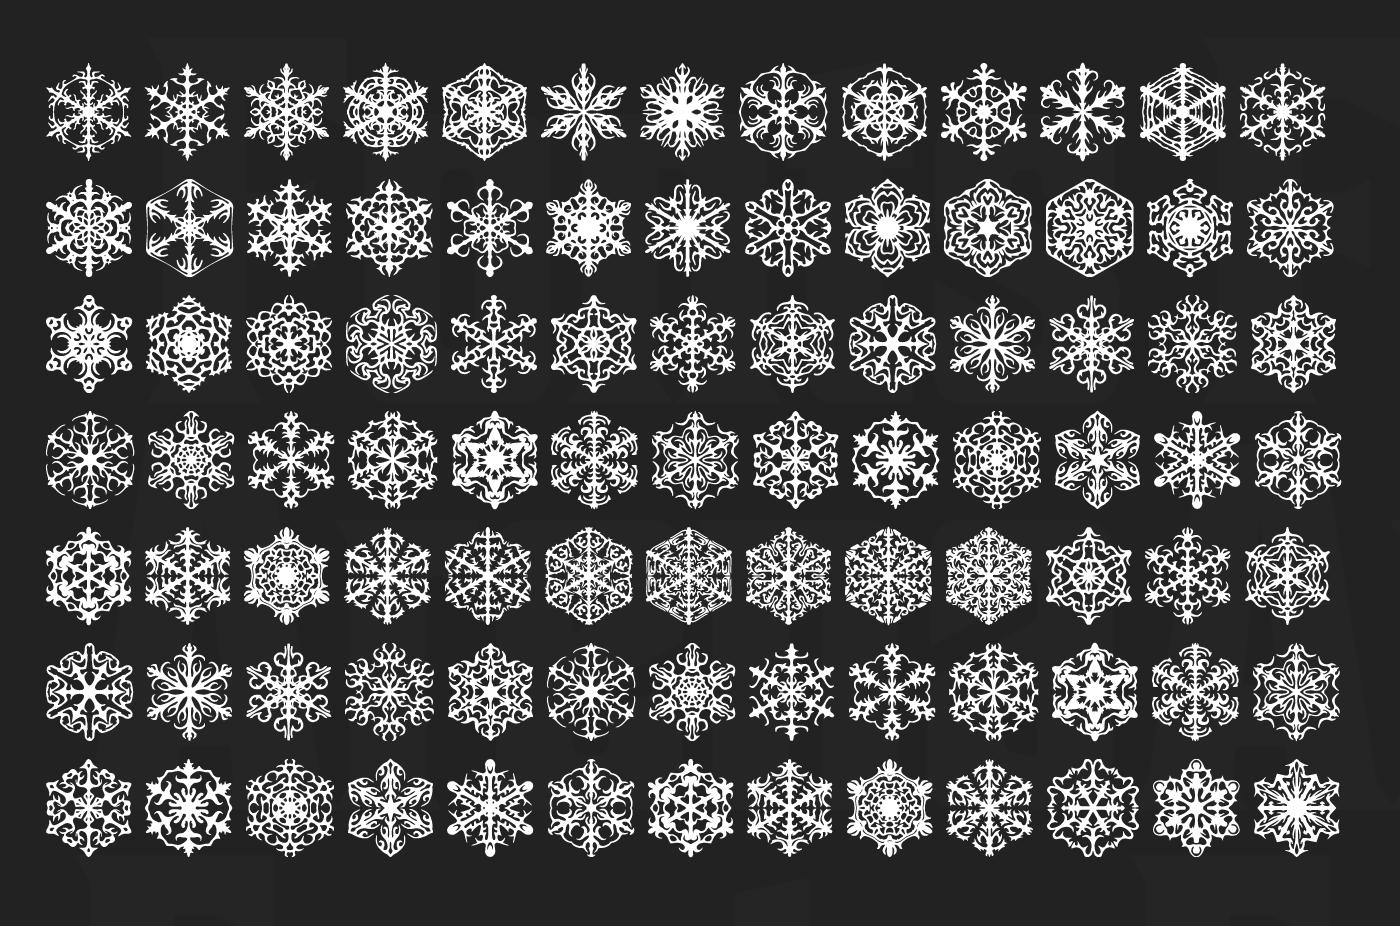 Faux Snow free icon font